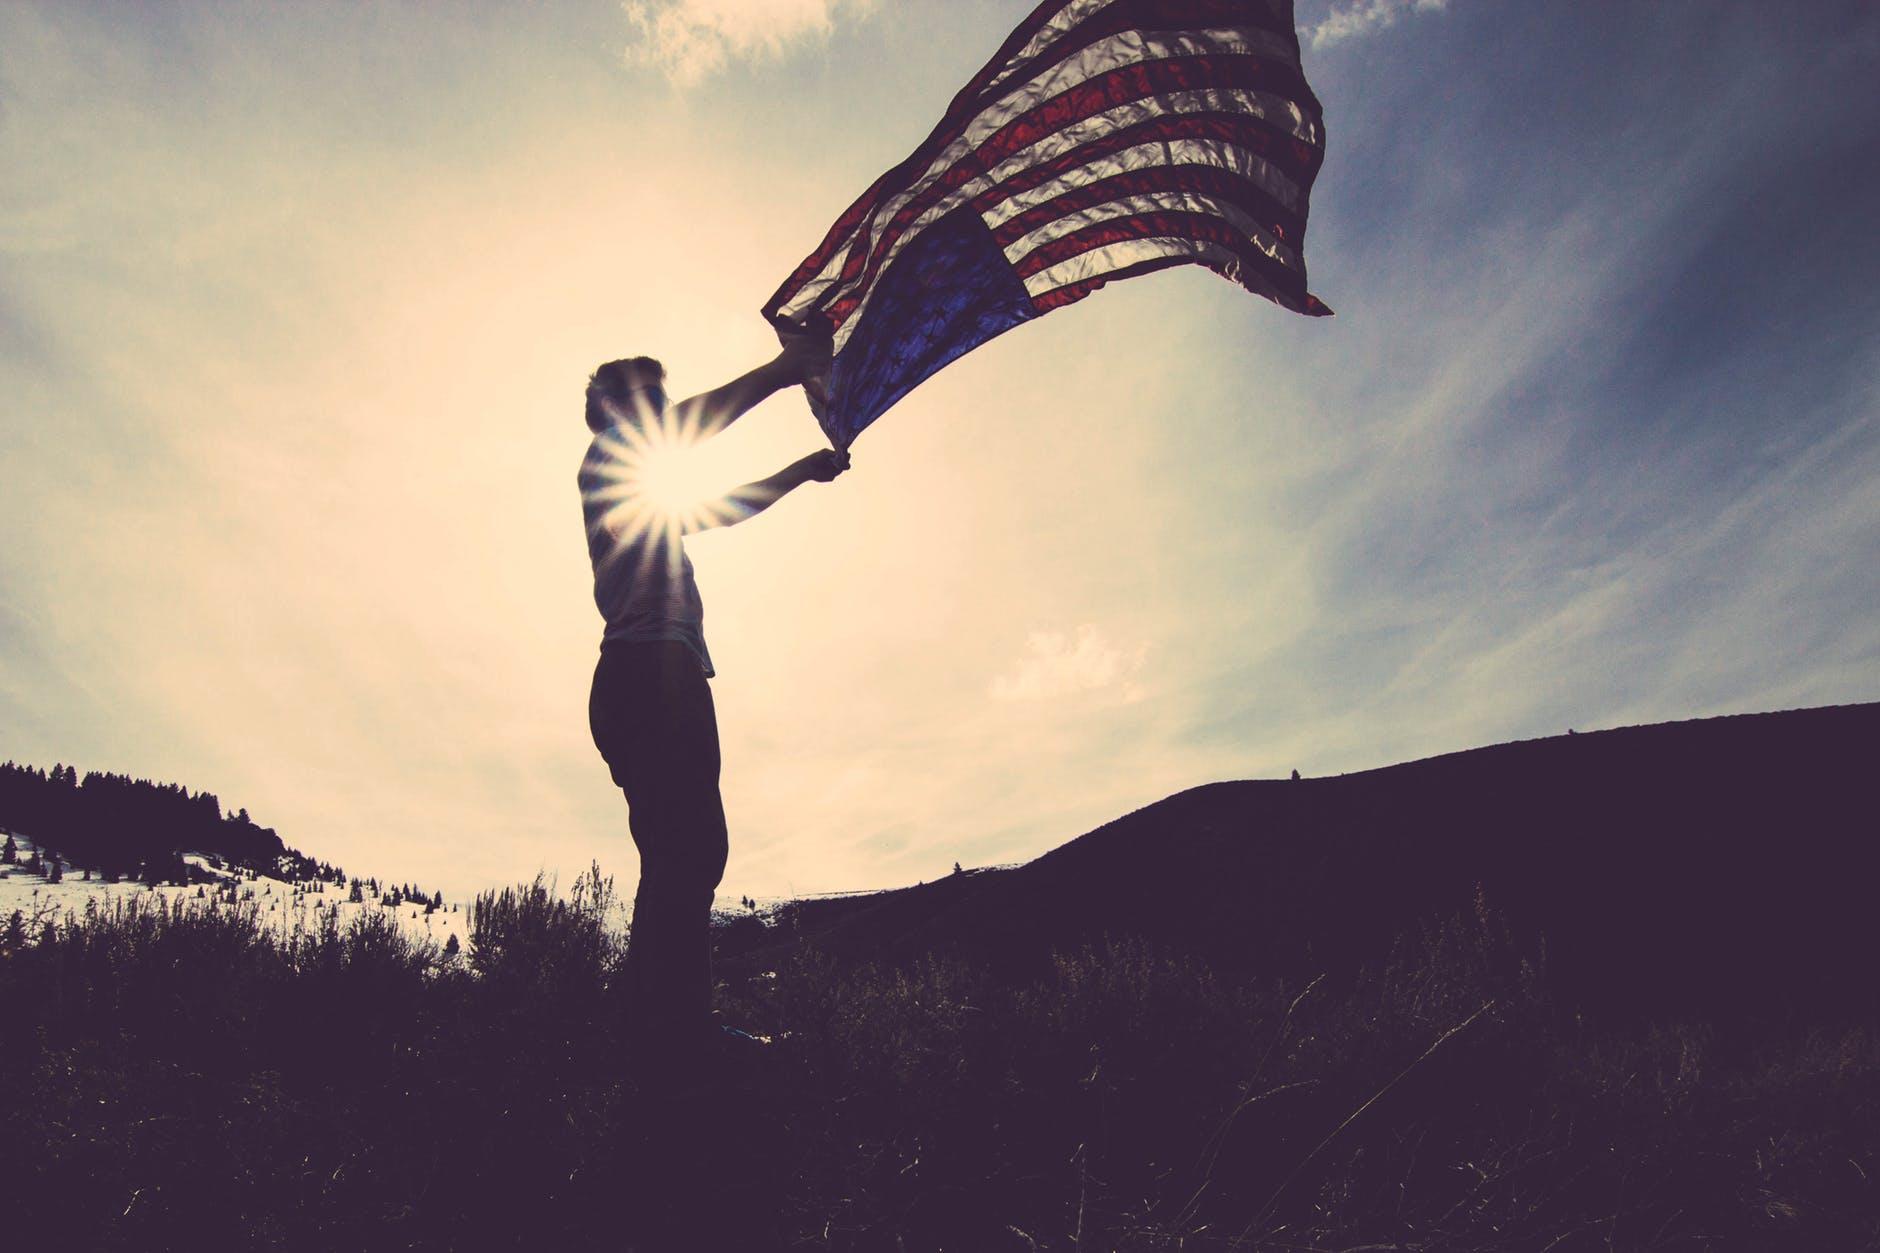 Melhor destino de intercâmbio: por que estudar nos EUA?